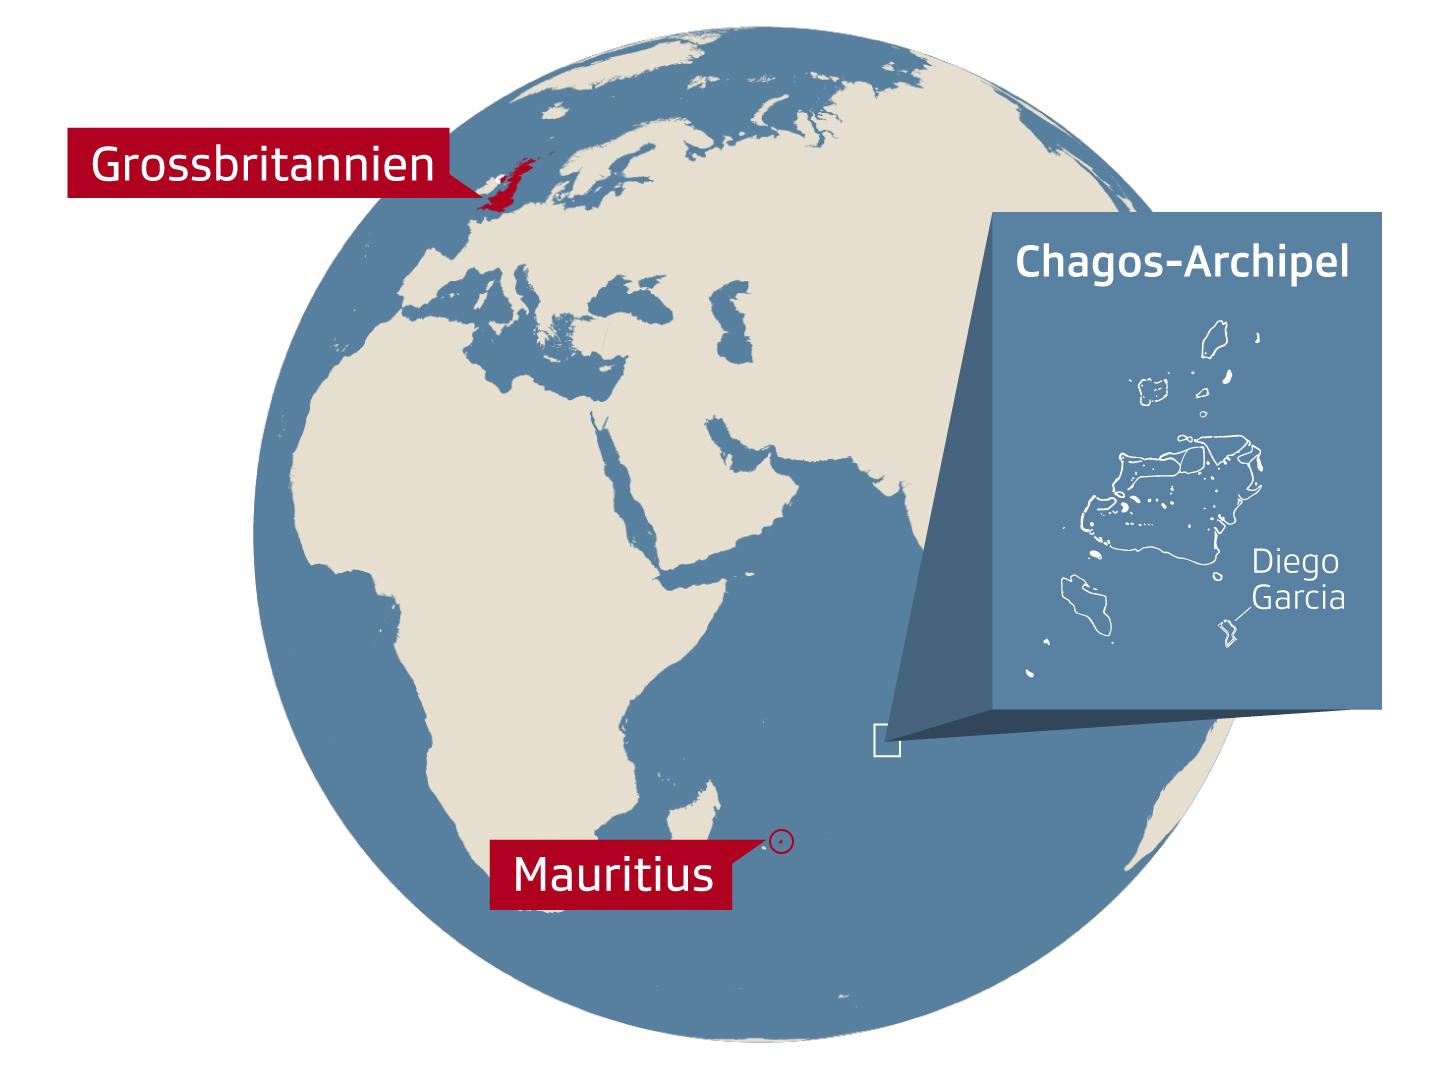 Karte Chagos-Archipel